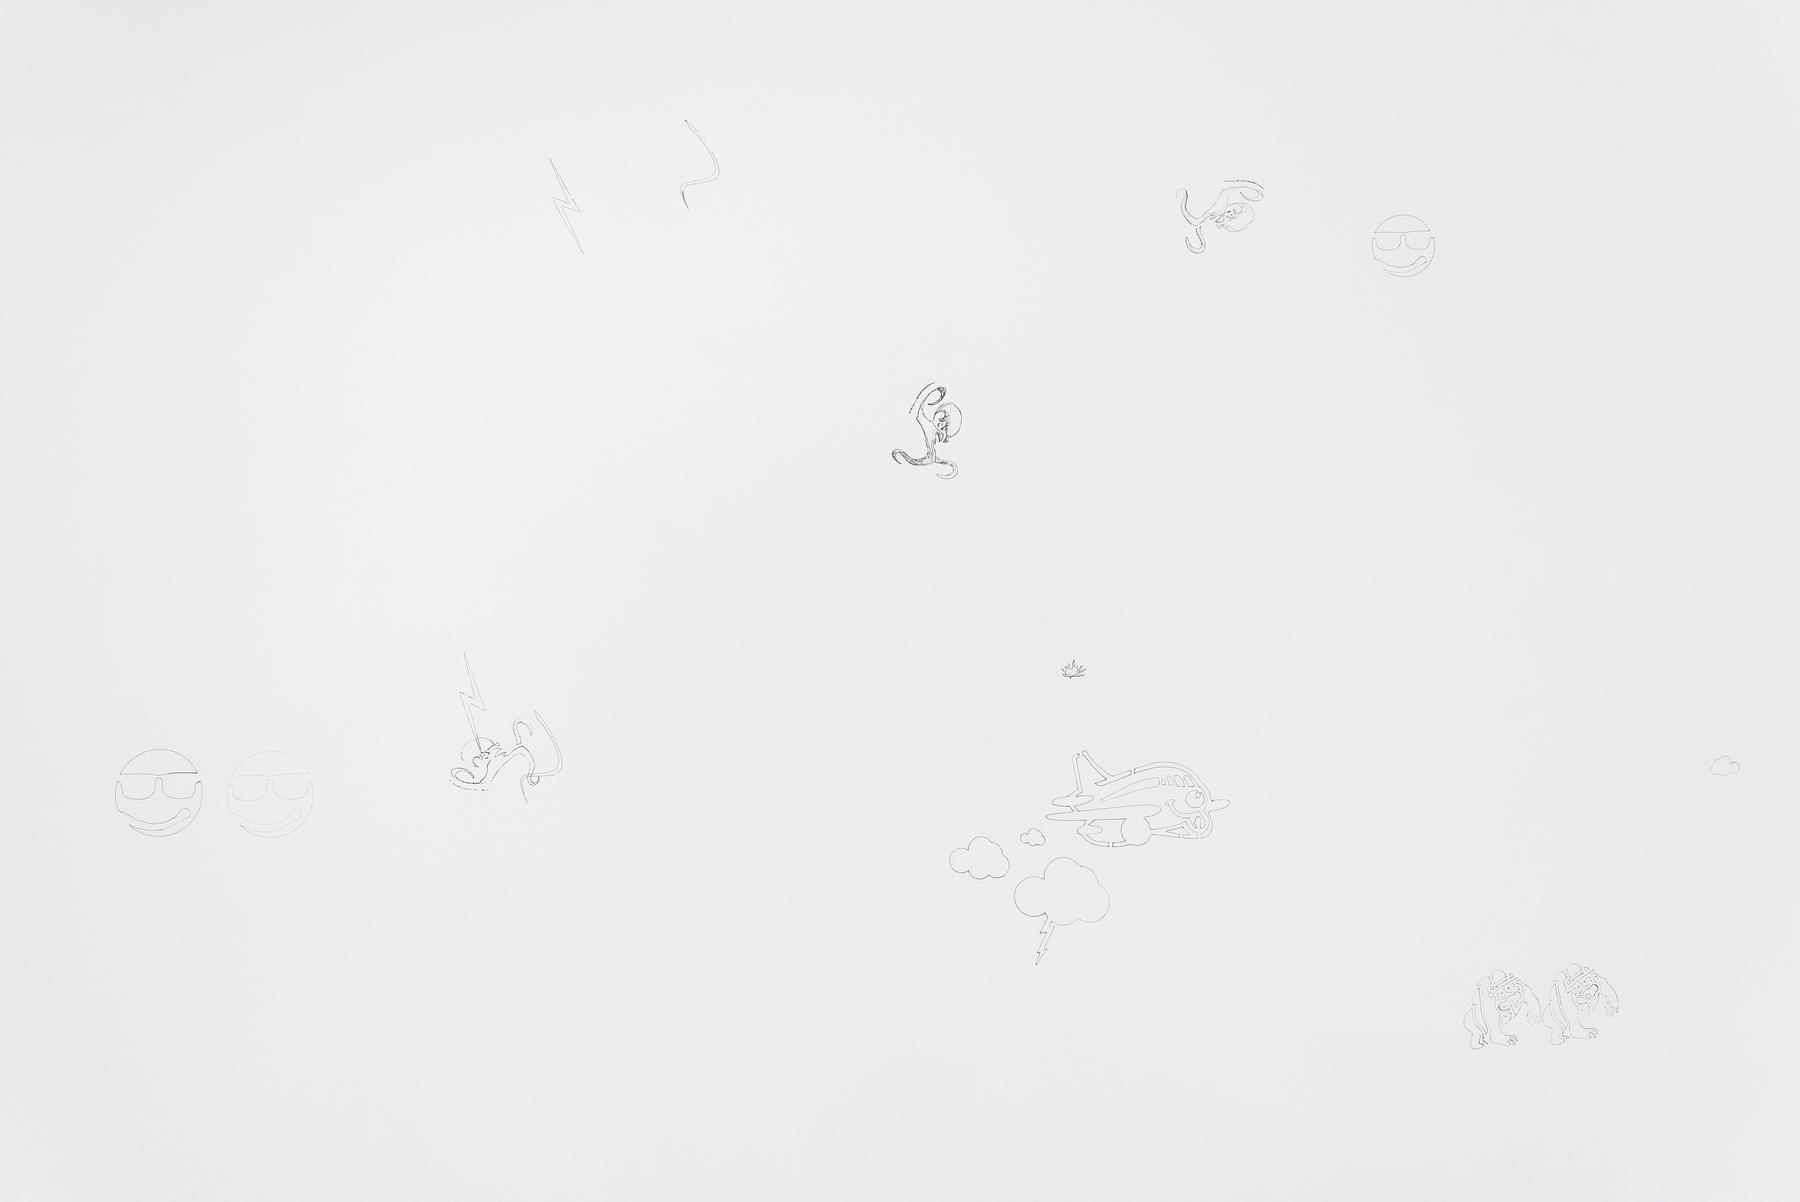 10 - Ratatouille Shanaynay-0417_hr_4000px - Credit Alexander Nussbaumer